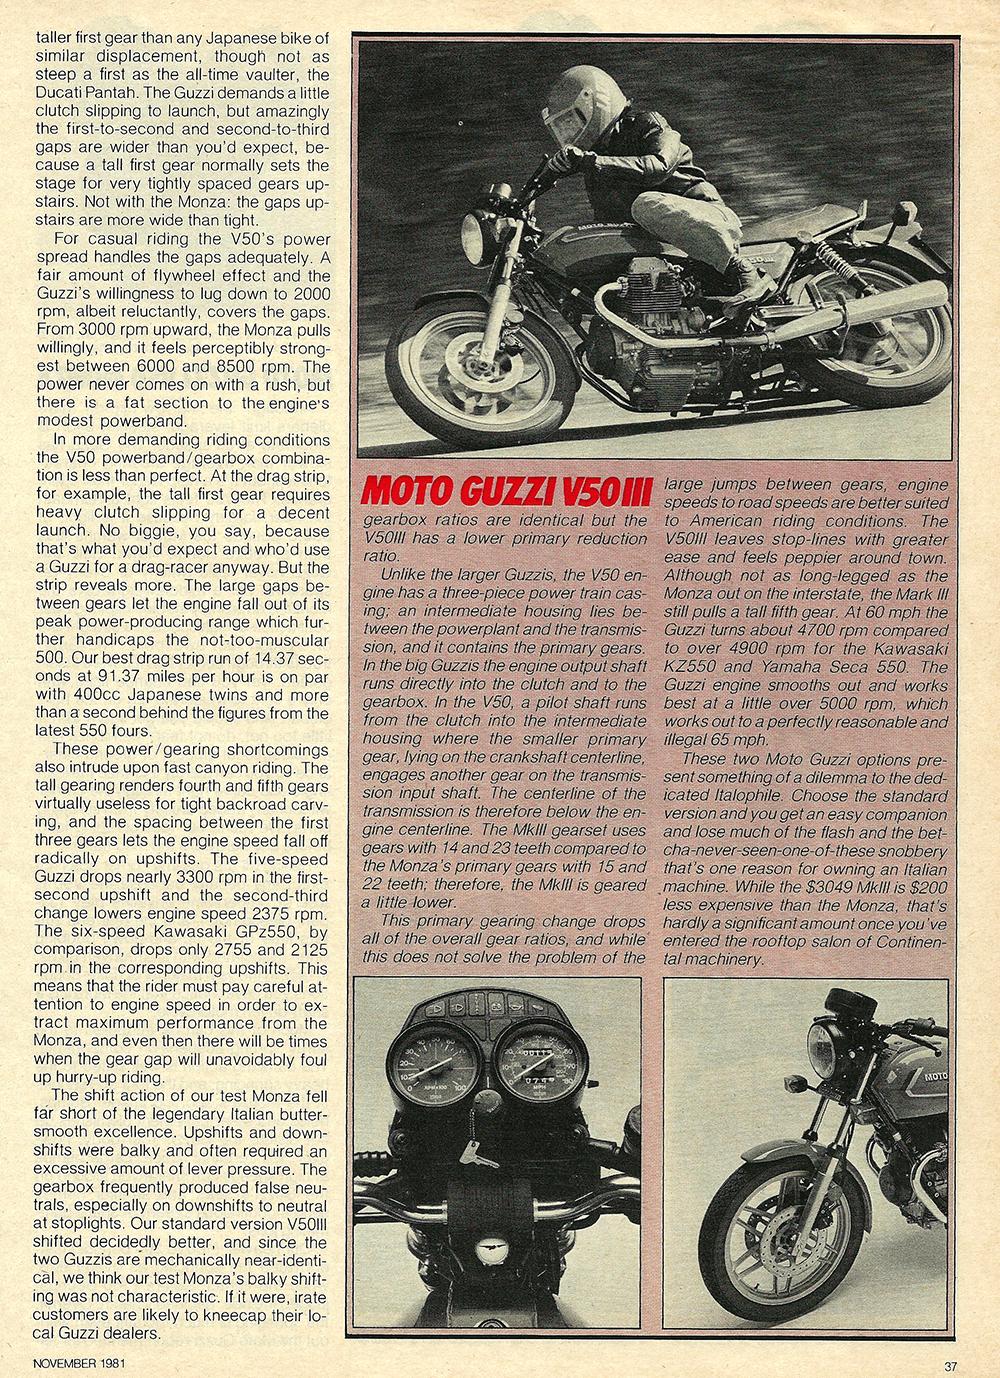 1981 Moto Guzzi V50 Monza road test 06.jpg